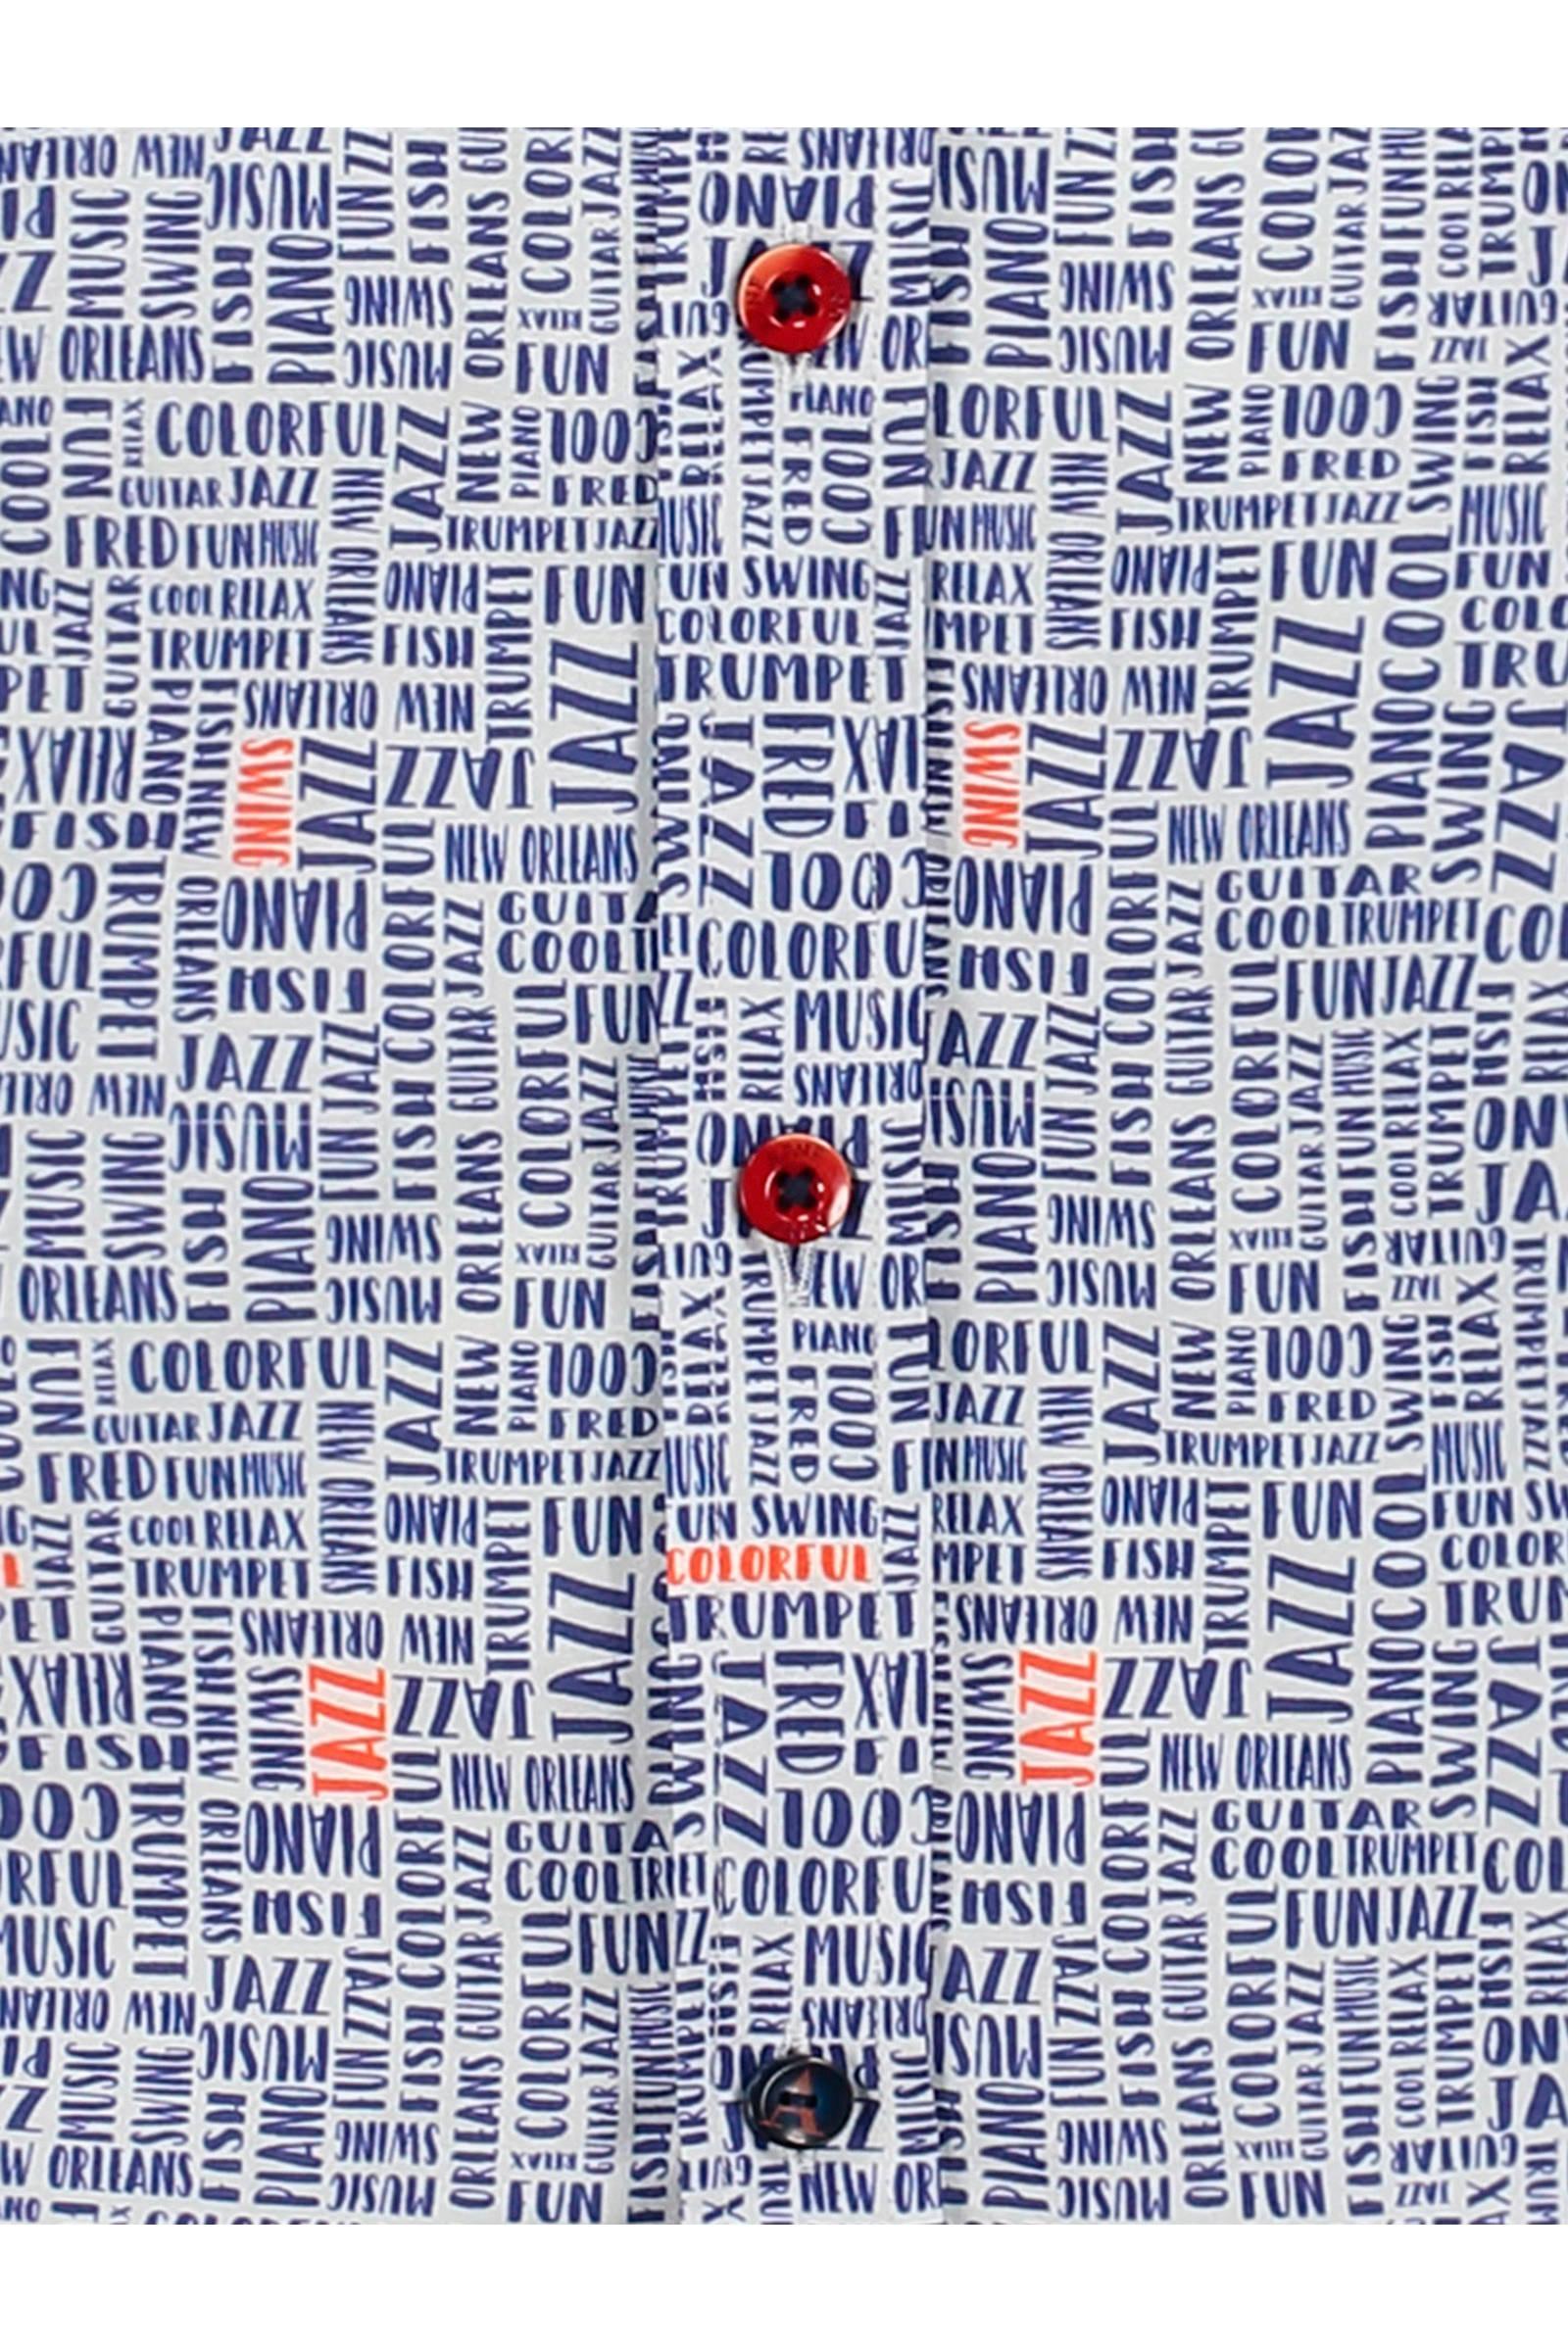 A fish named fred Regular Fit Overhemd Met All Over Print Wit/blauw/rood in het Wit voor heren